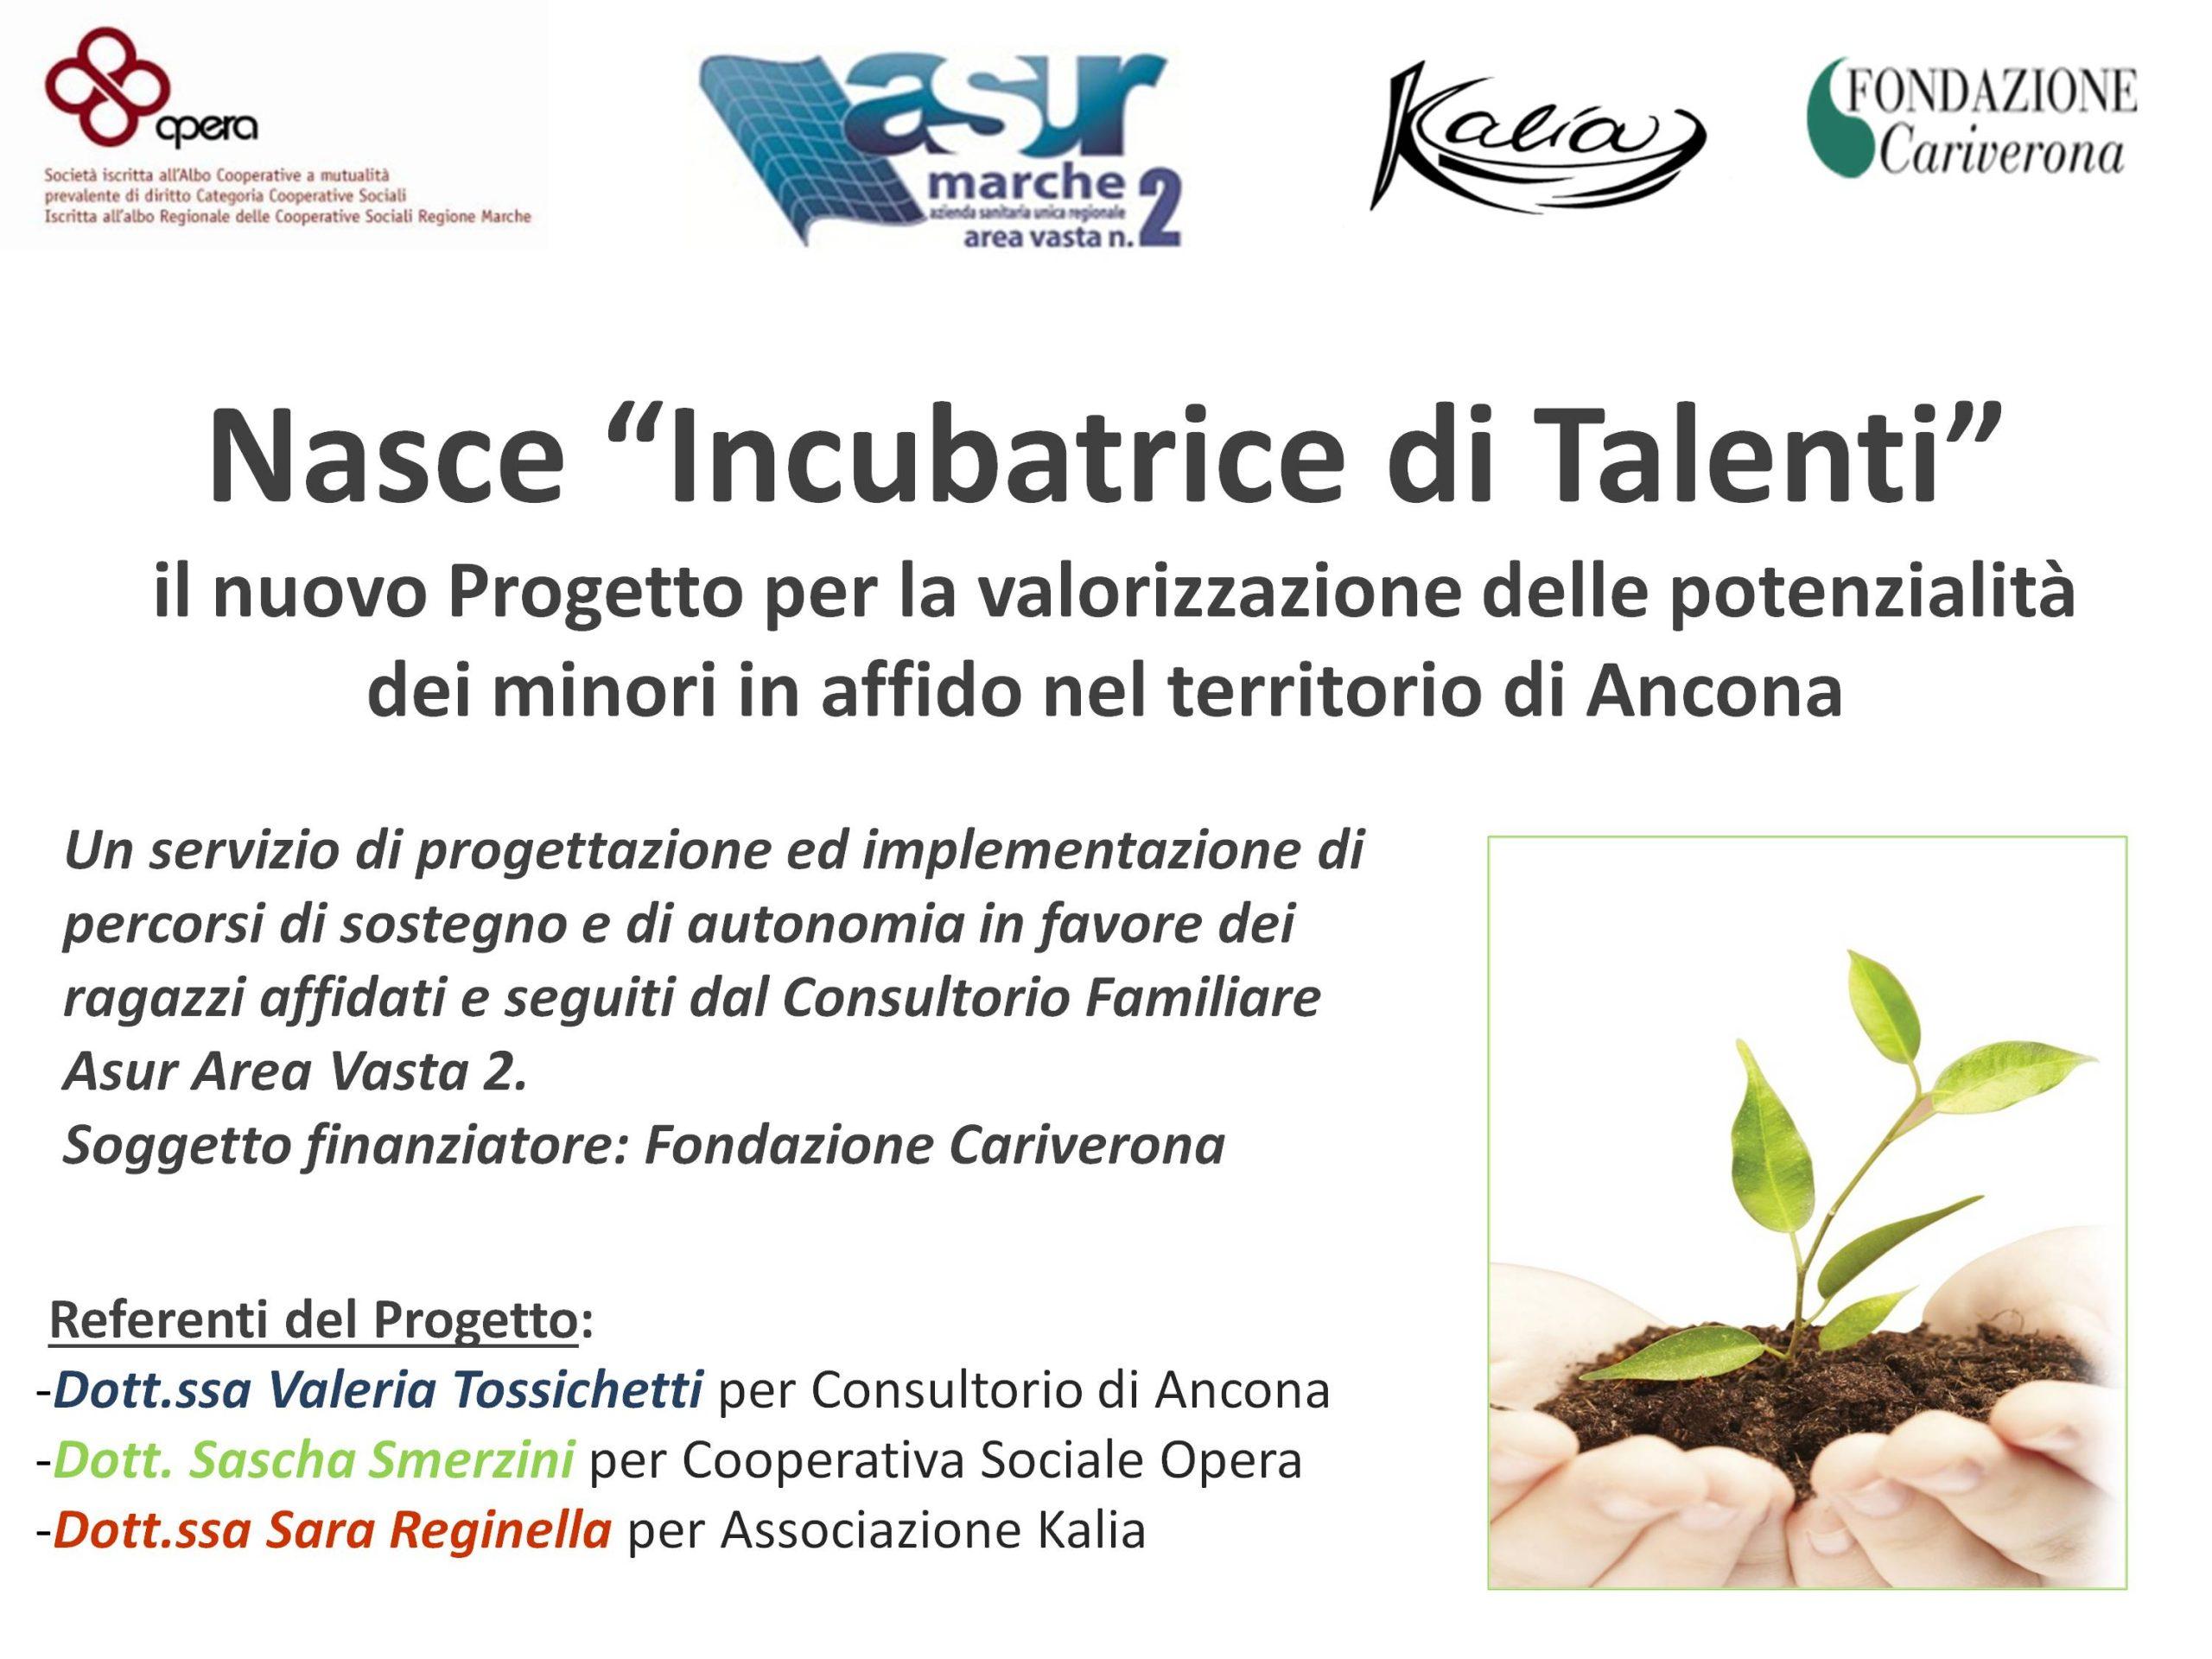 Incubatrice di Talenti Progetto per la valorizzazione della potenzialità dei minori in affido Ancona | Sara Reginella